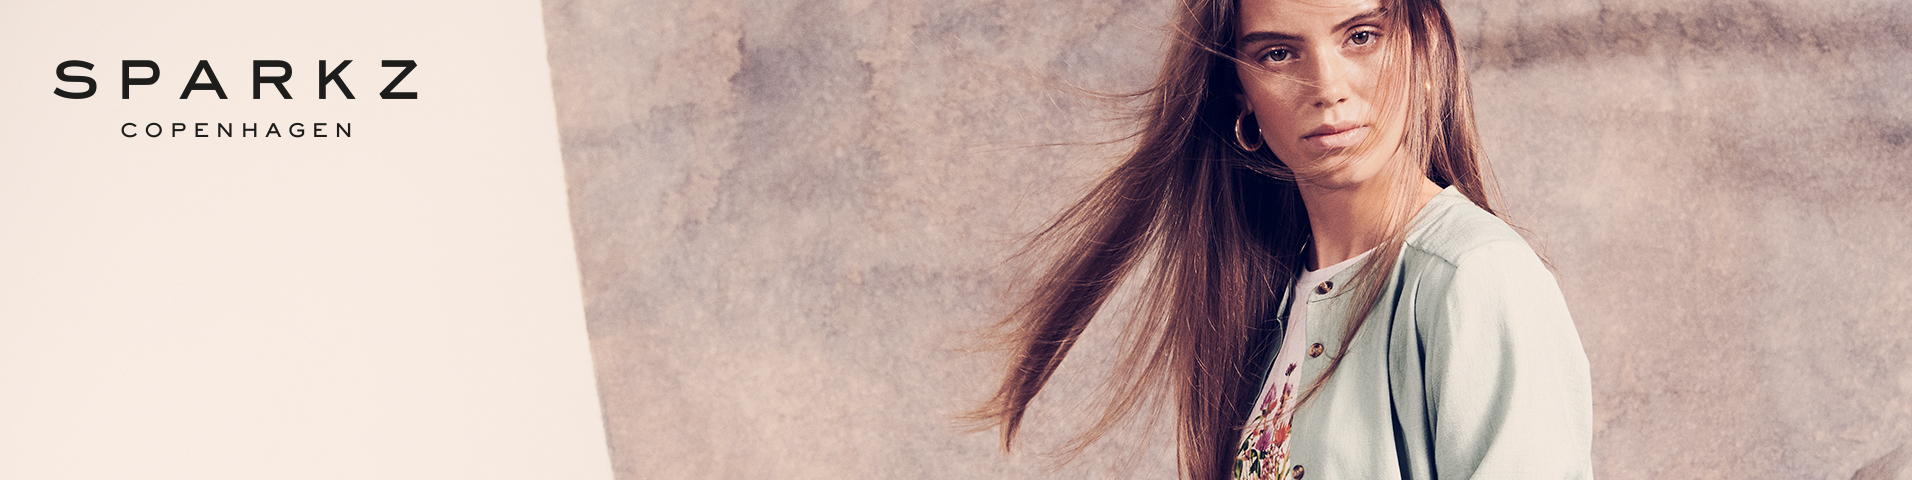 1f28611189 Ponadczasowa odzież damska Sparkz w Zalando! Zobacz nasze propozycje